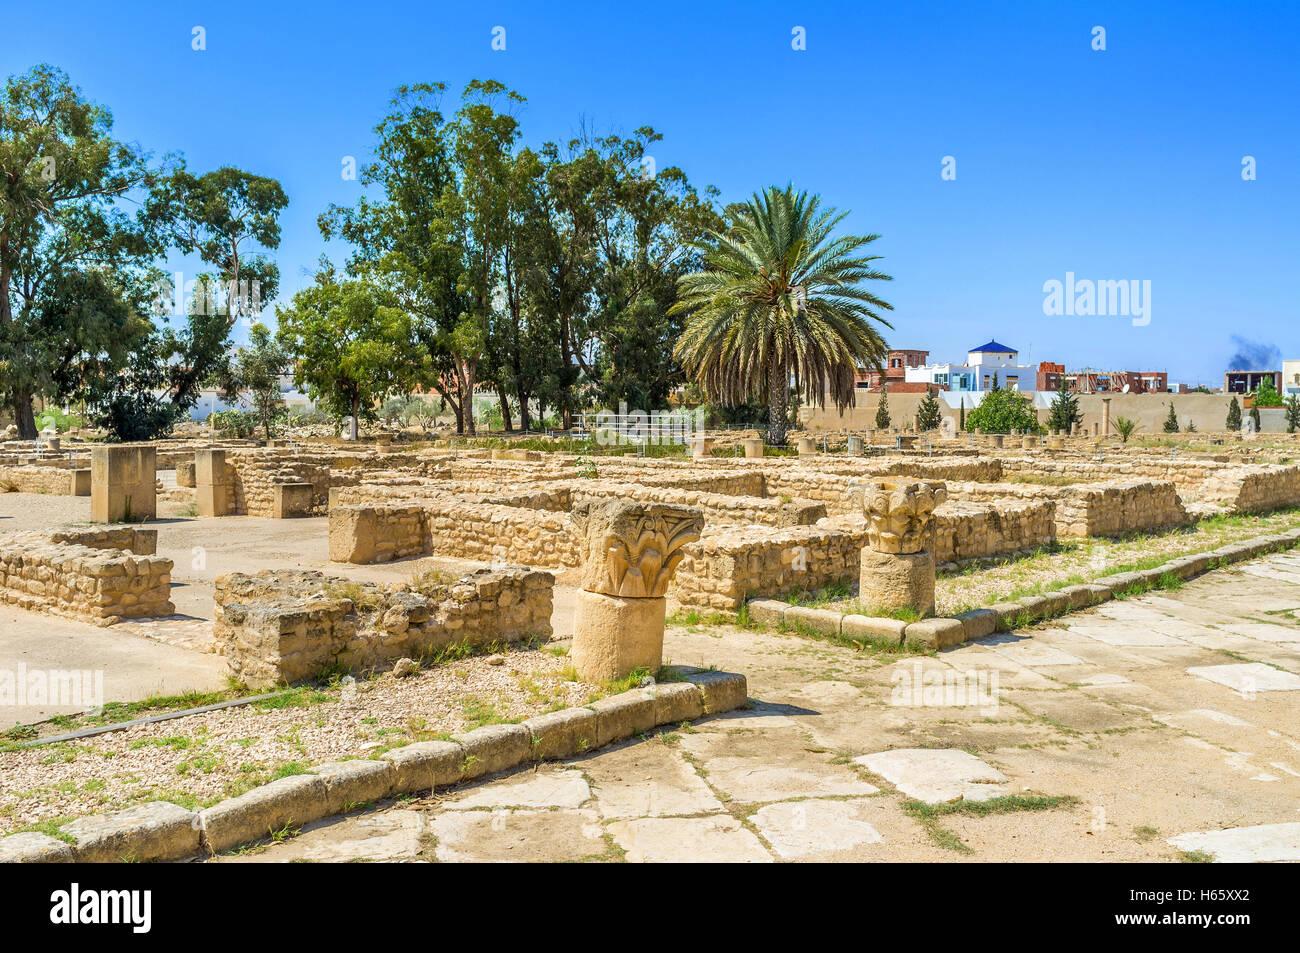 Viele tunesischen Städte rühmen, archäologische Stätten und Museen mit punischen und römischen Stockbild